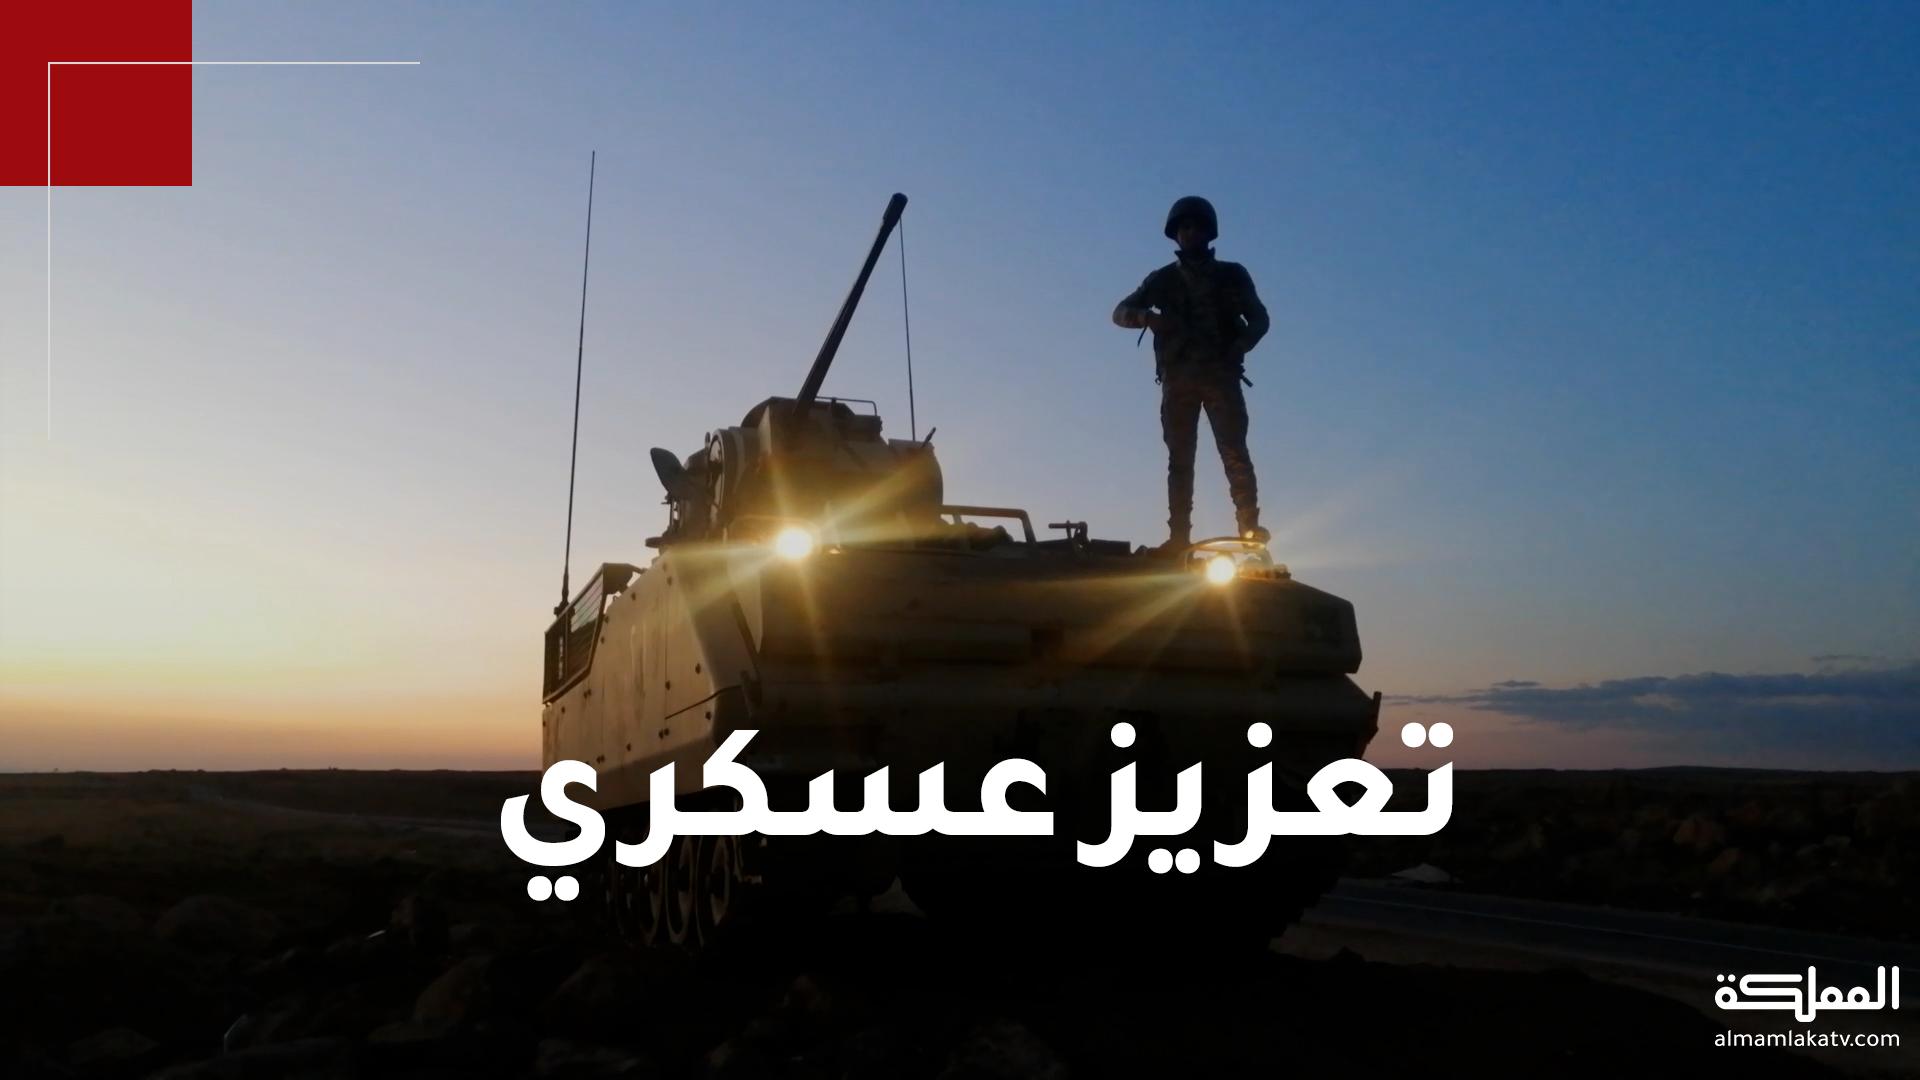 الجيش العربي يواصل نشر قوات نوعية مسندة بسلاح الجو الملكي على الواجهتين الشمالية والشرقية